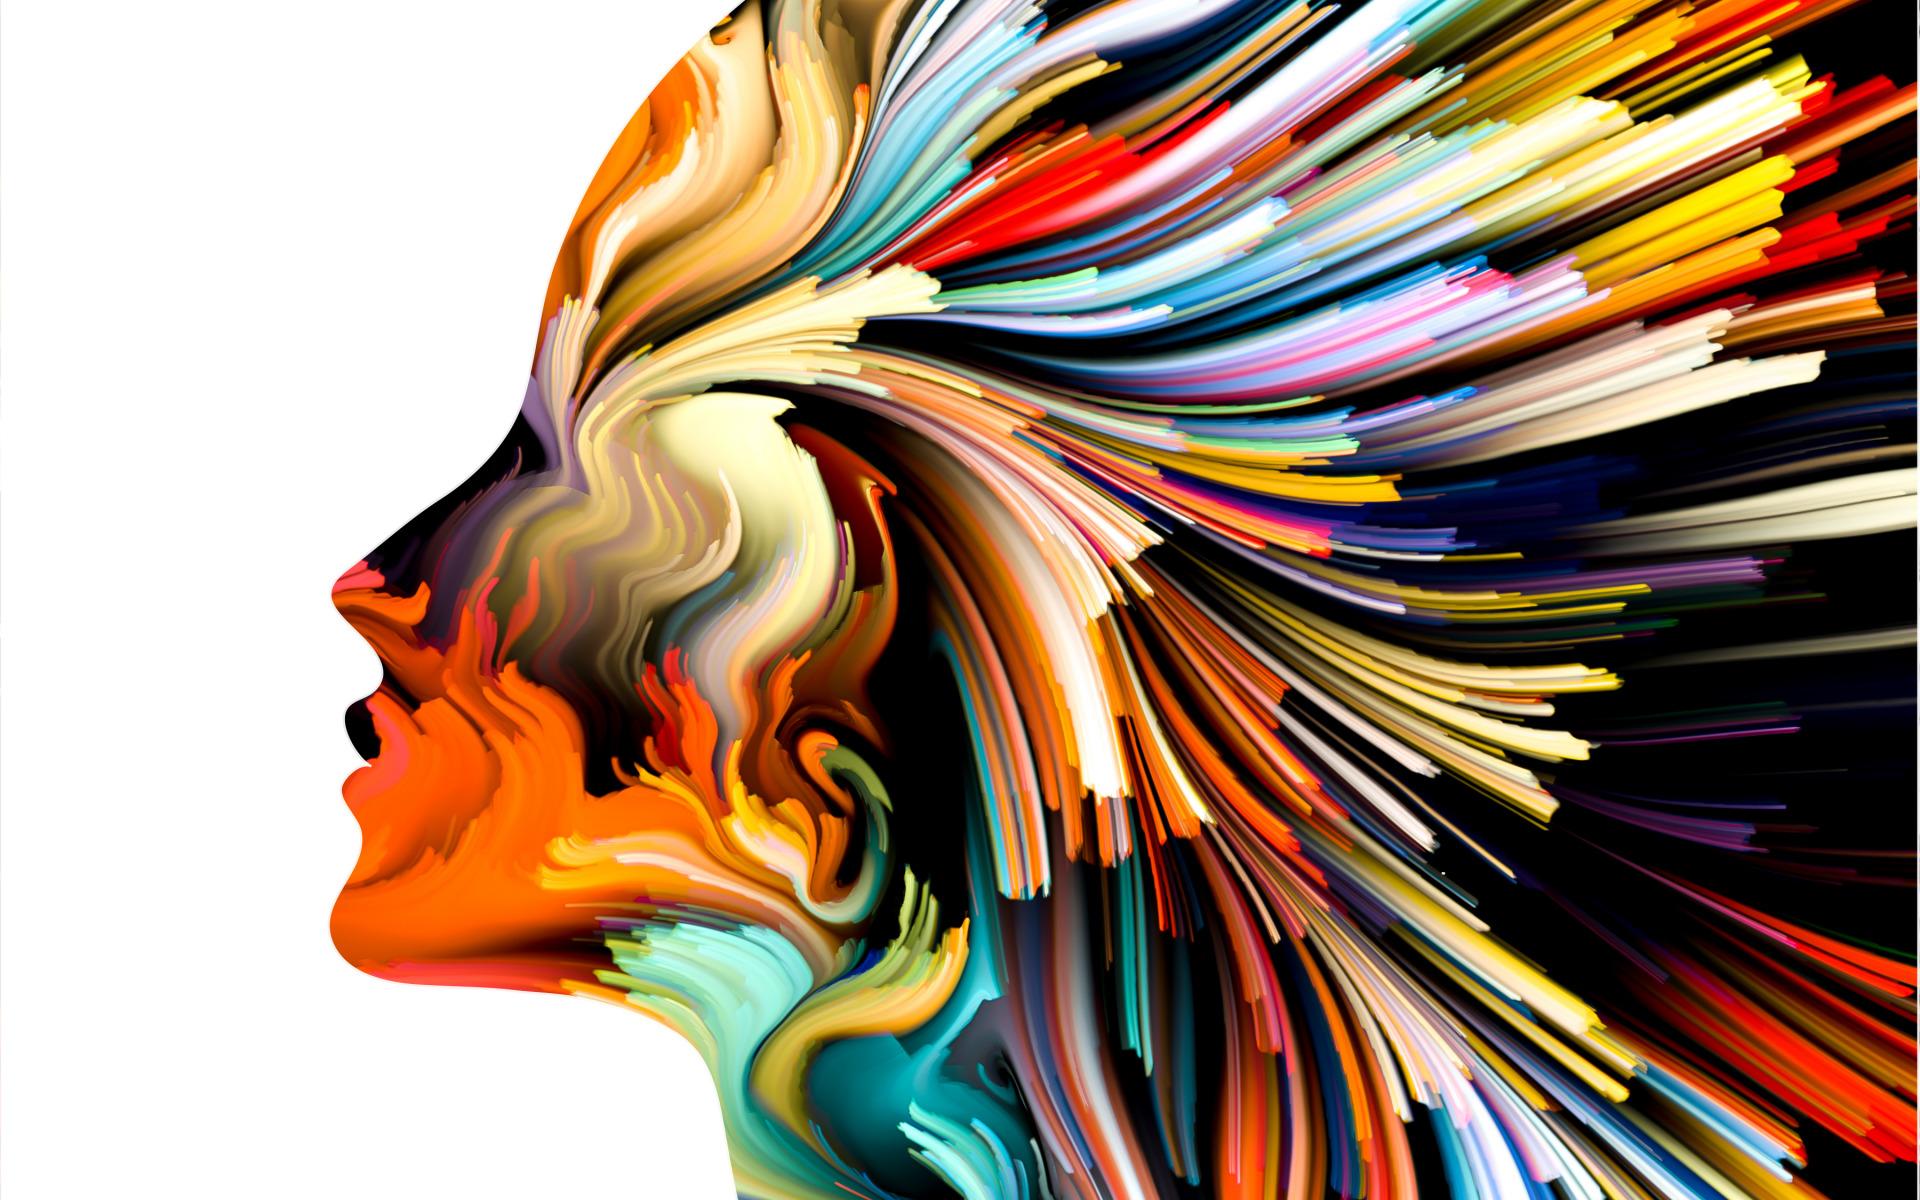 красивые креативные картинки в цифровом качестве вариант торта